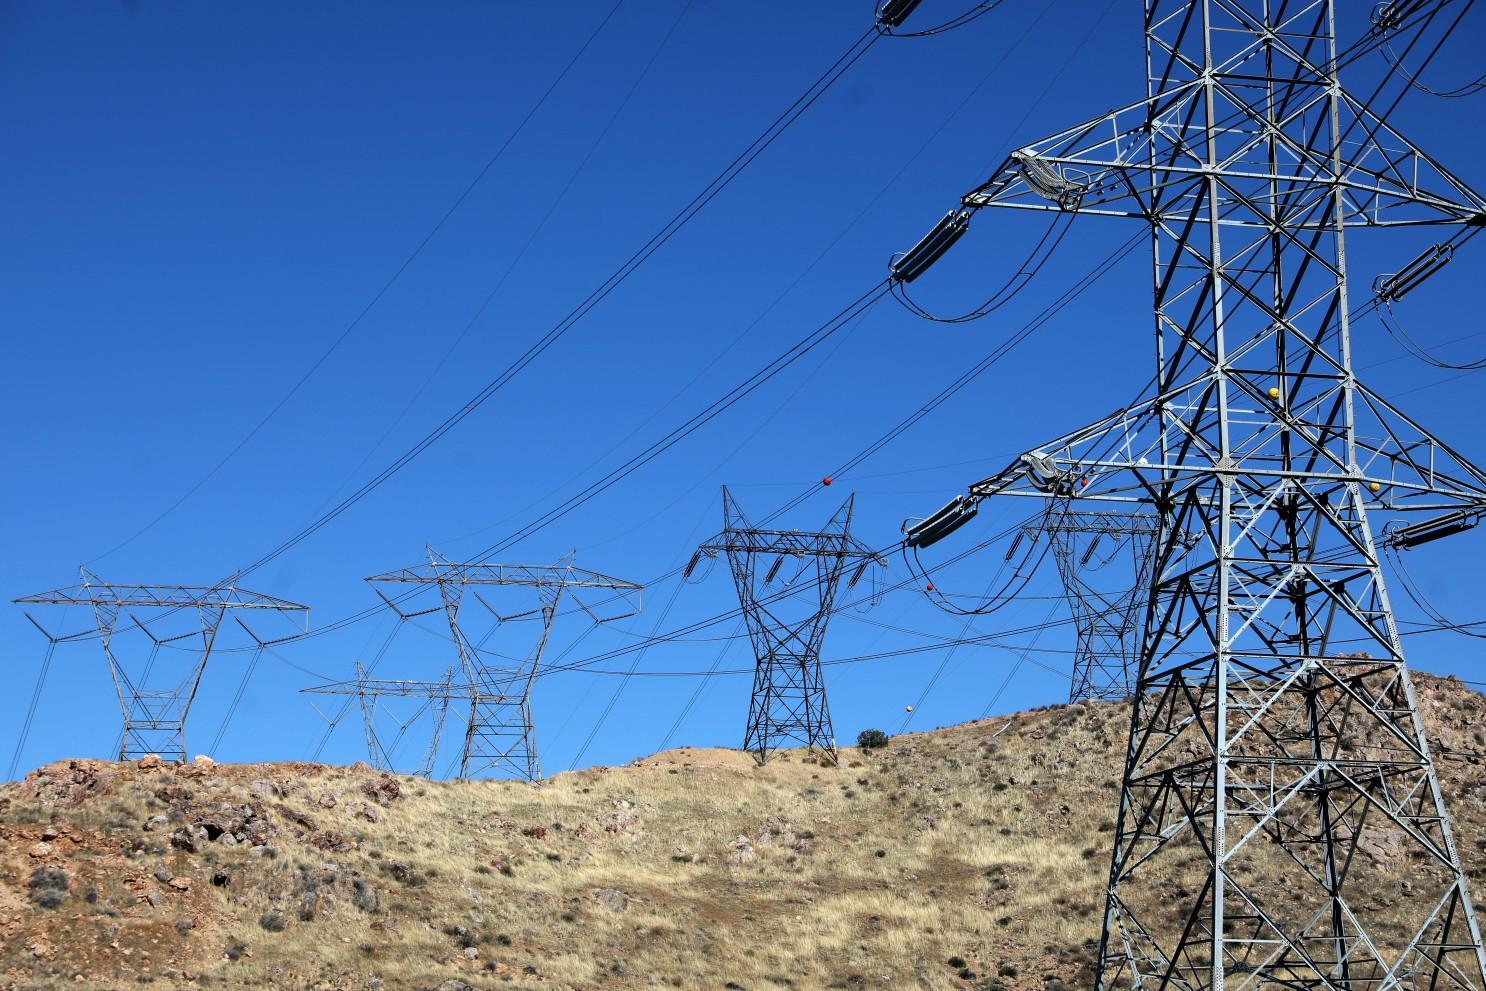 爱迪生电力等加州公共事业公司将花费130亿减少山火风险